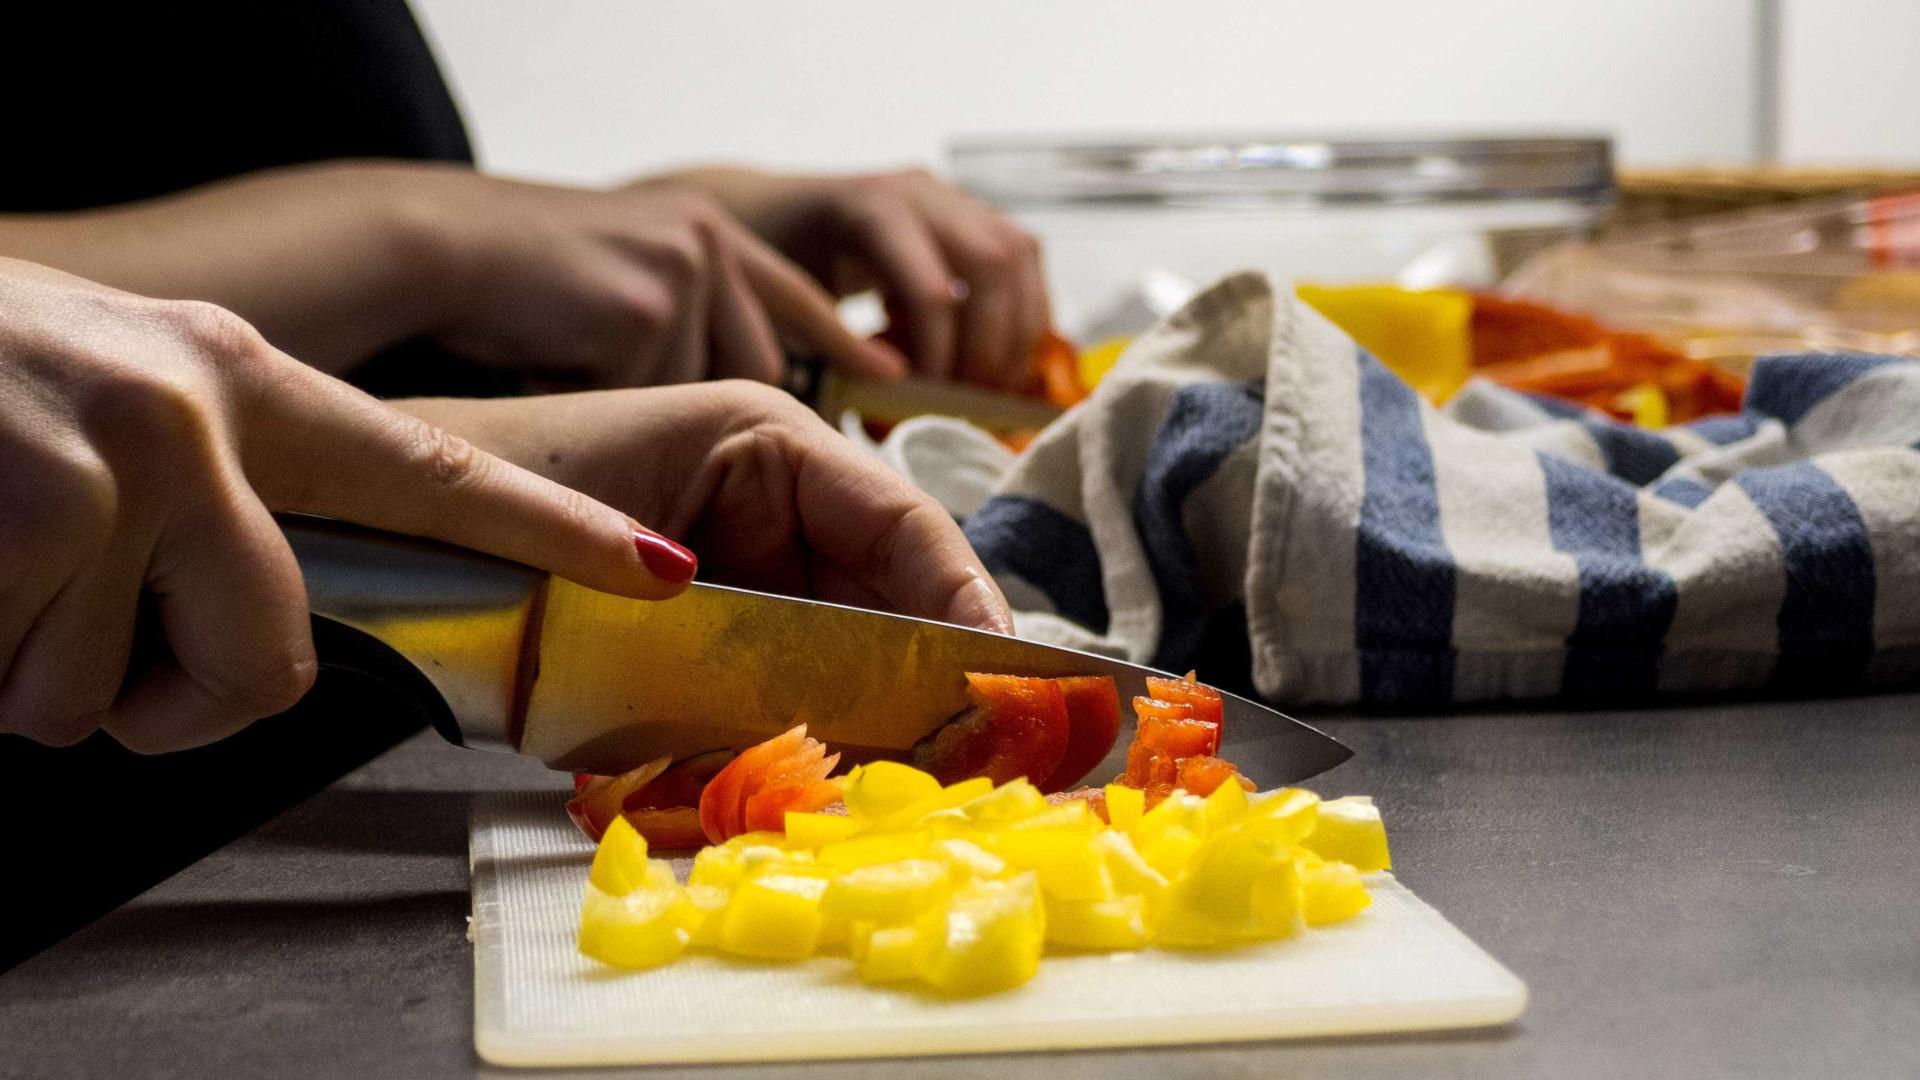 Mulheres ainda realizam maior parte das tarefas domésticas, diz IBGE